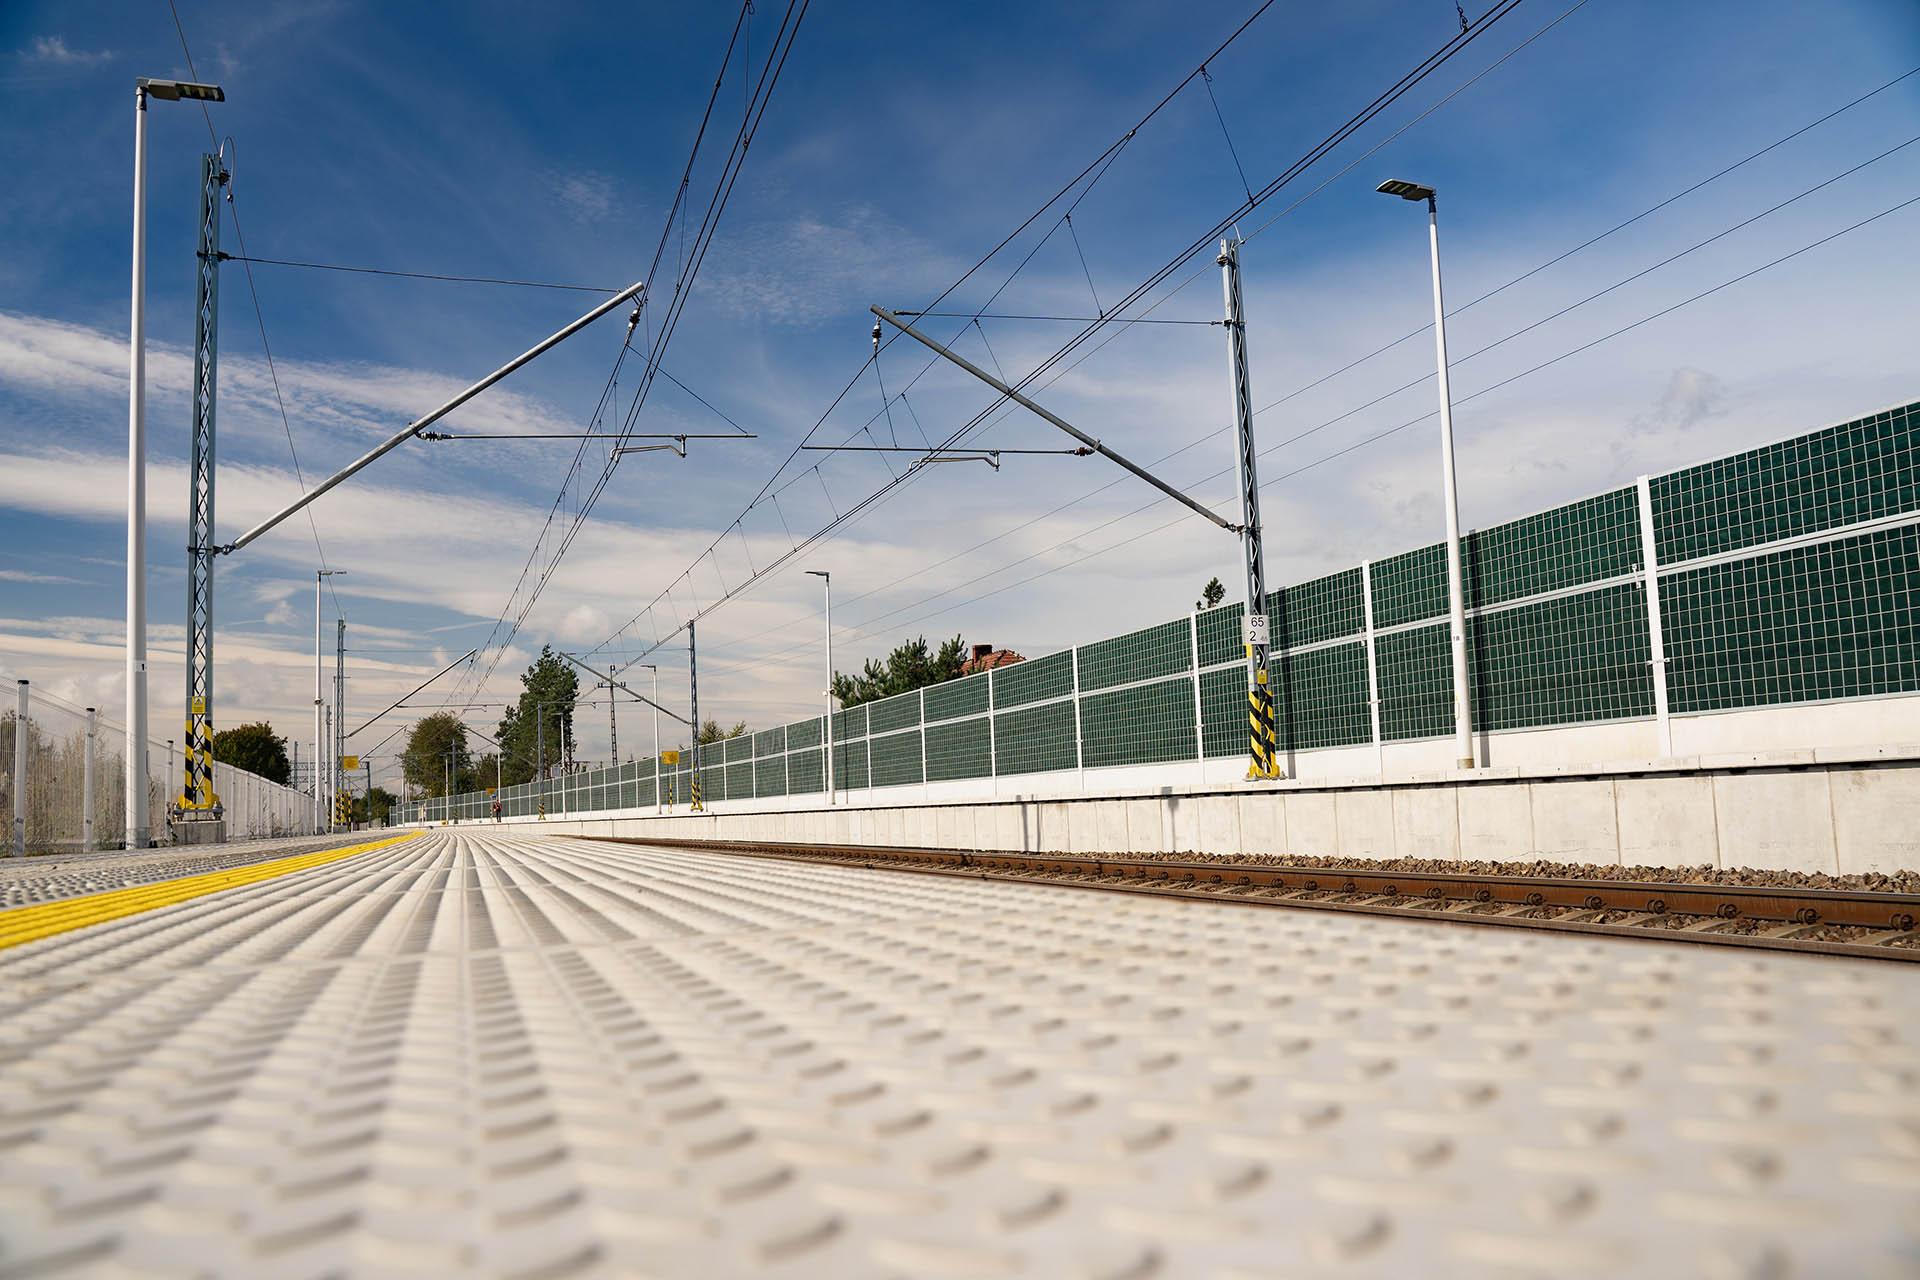 Obrazek: stacja kolejowa